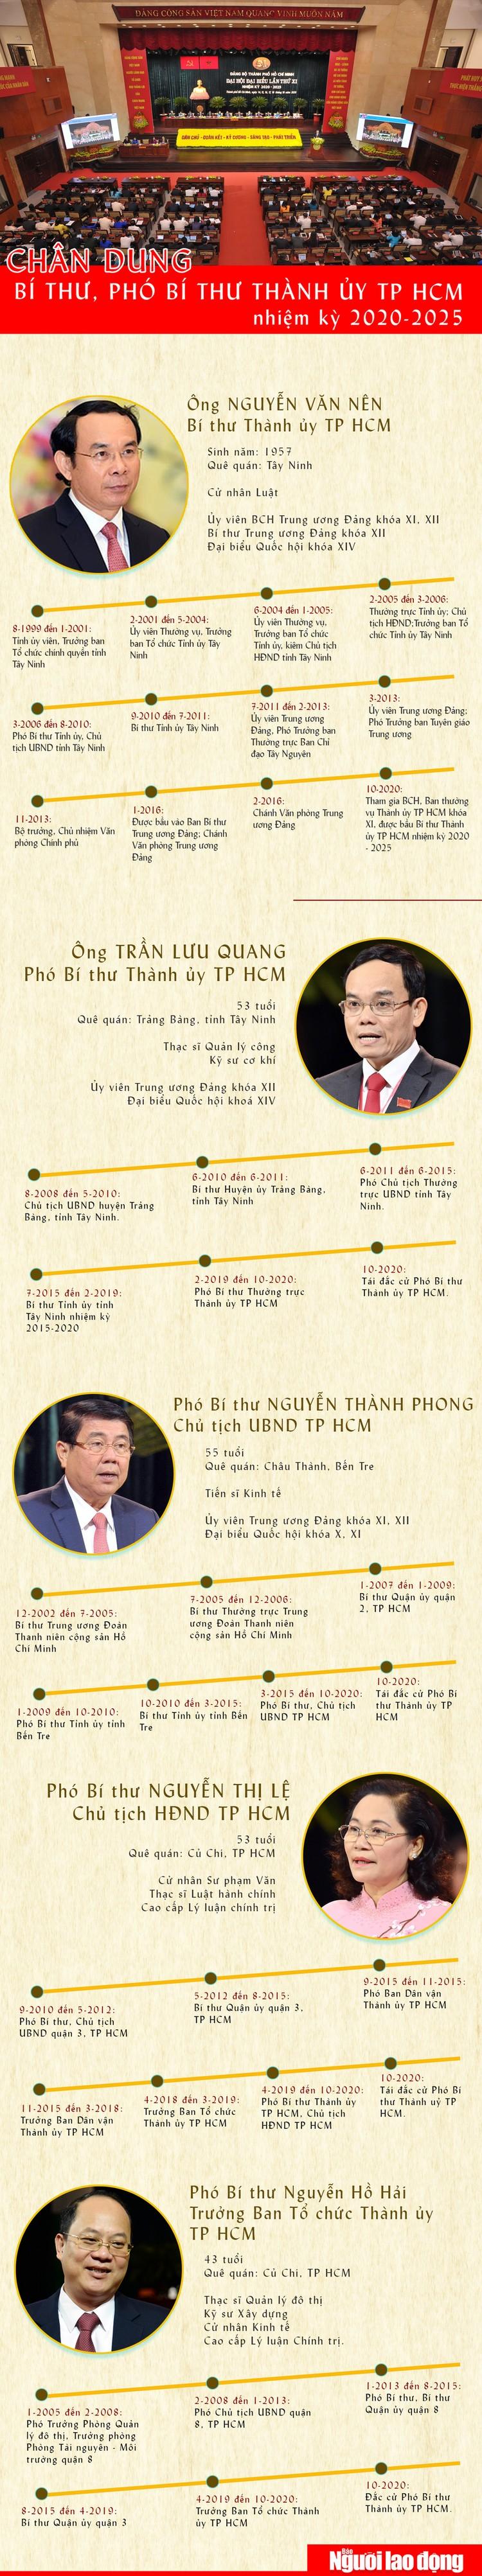 Chân dung Bí thư và 4 Phó Bí thư Thành ủy TP HCM ảnh 1